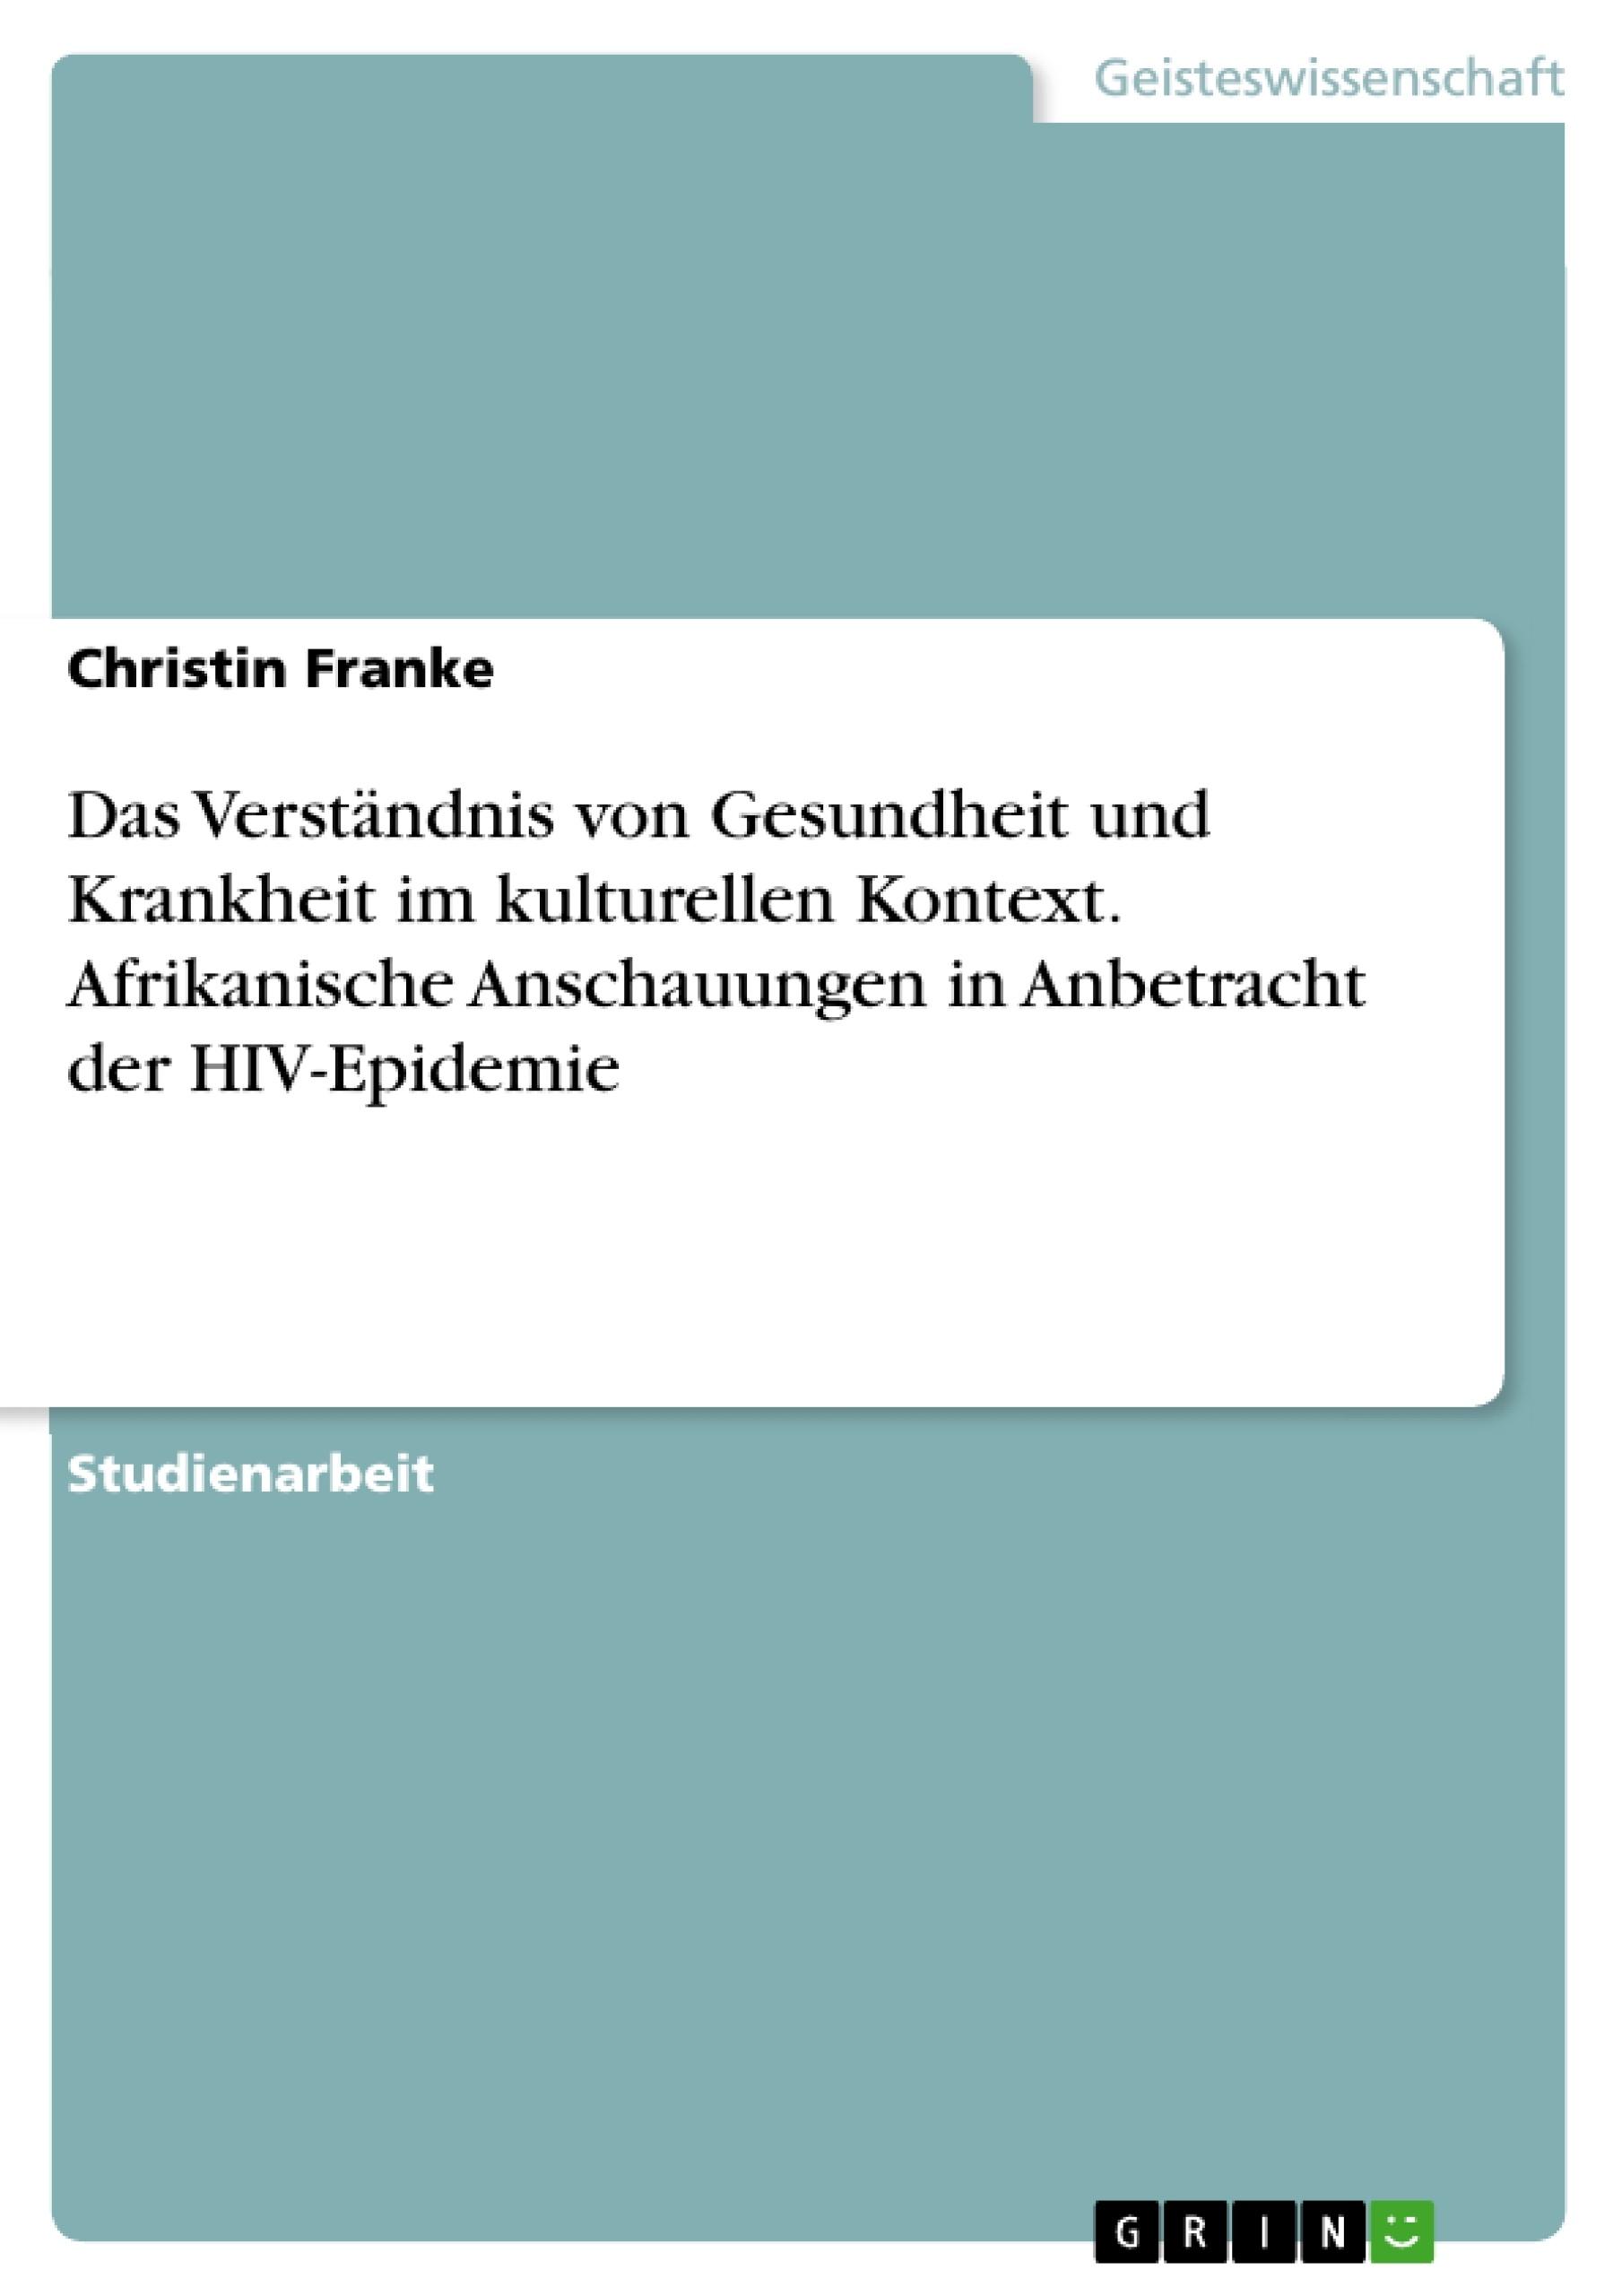 Titel: Das Verständnis von Gesundheit und Krankheit im kulturellen Kontext. Afrikanische Anschauungen in Anbetracht der HIV-Epidemie